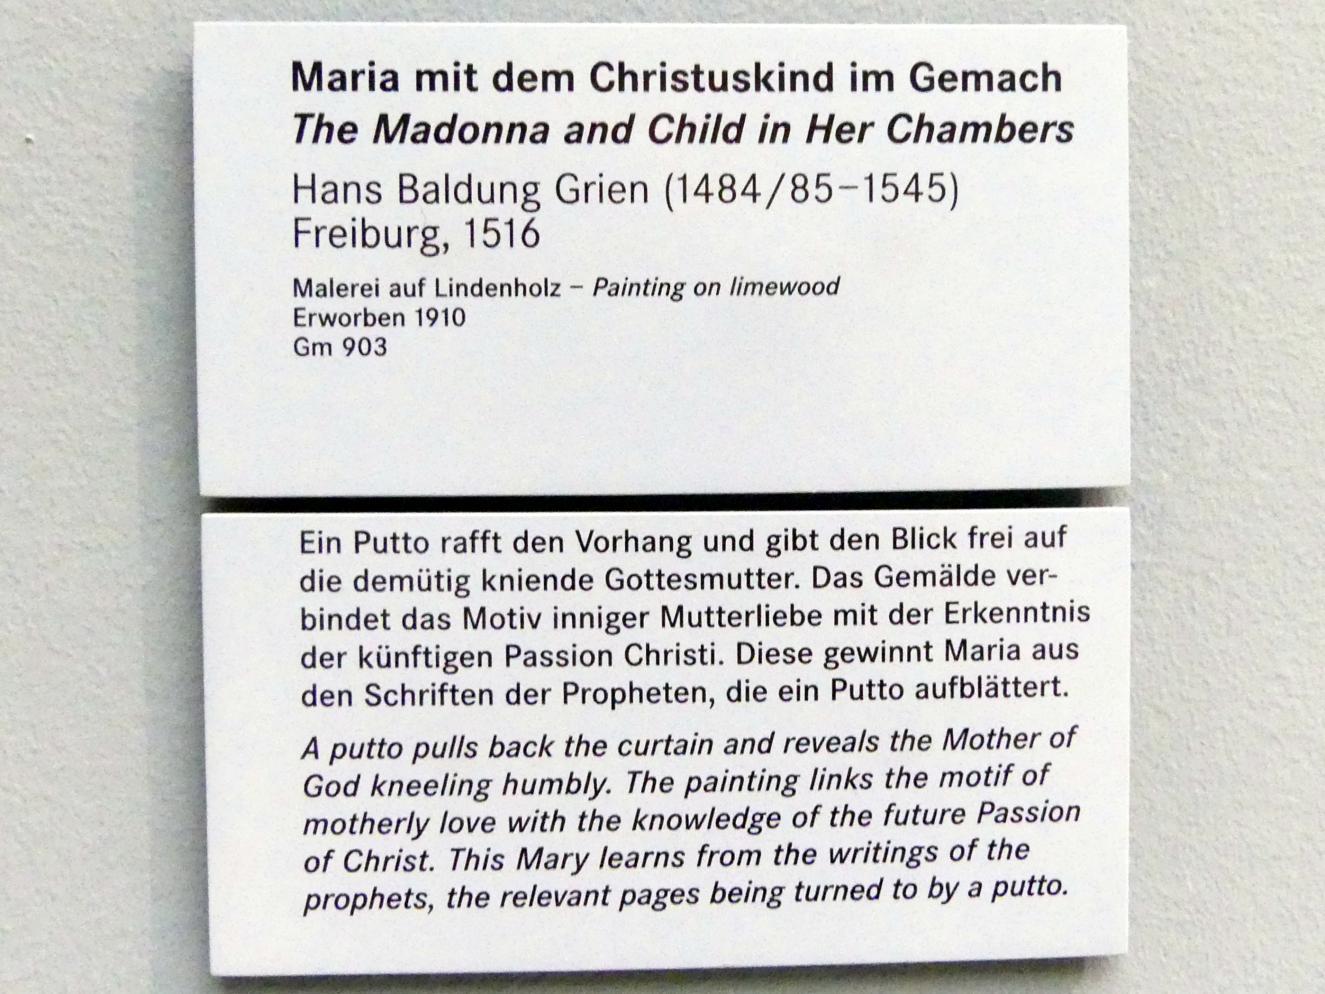 Hans Baldung Grien: Maria mit dem Christuskind im Gemach, 1516, Bild 2/2